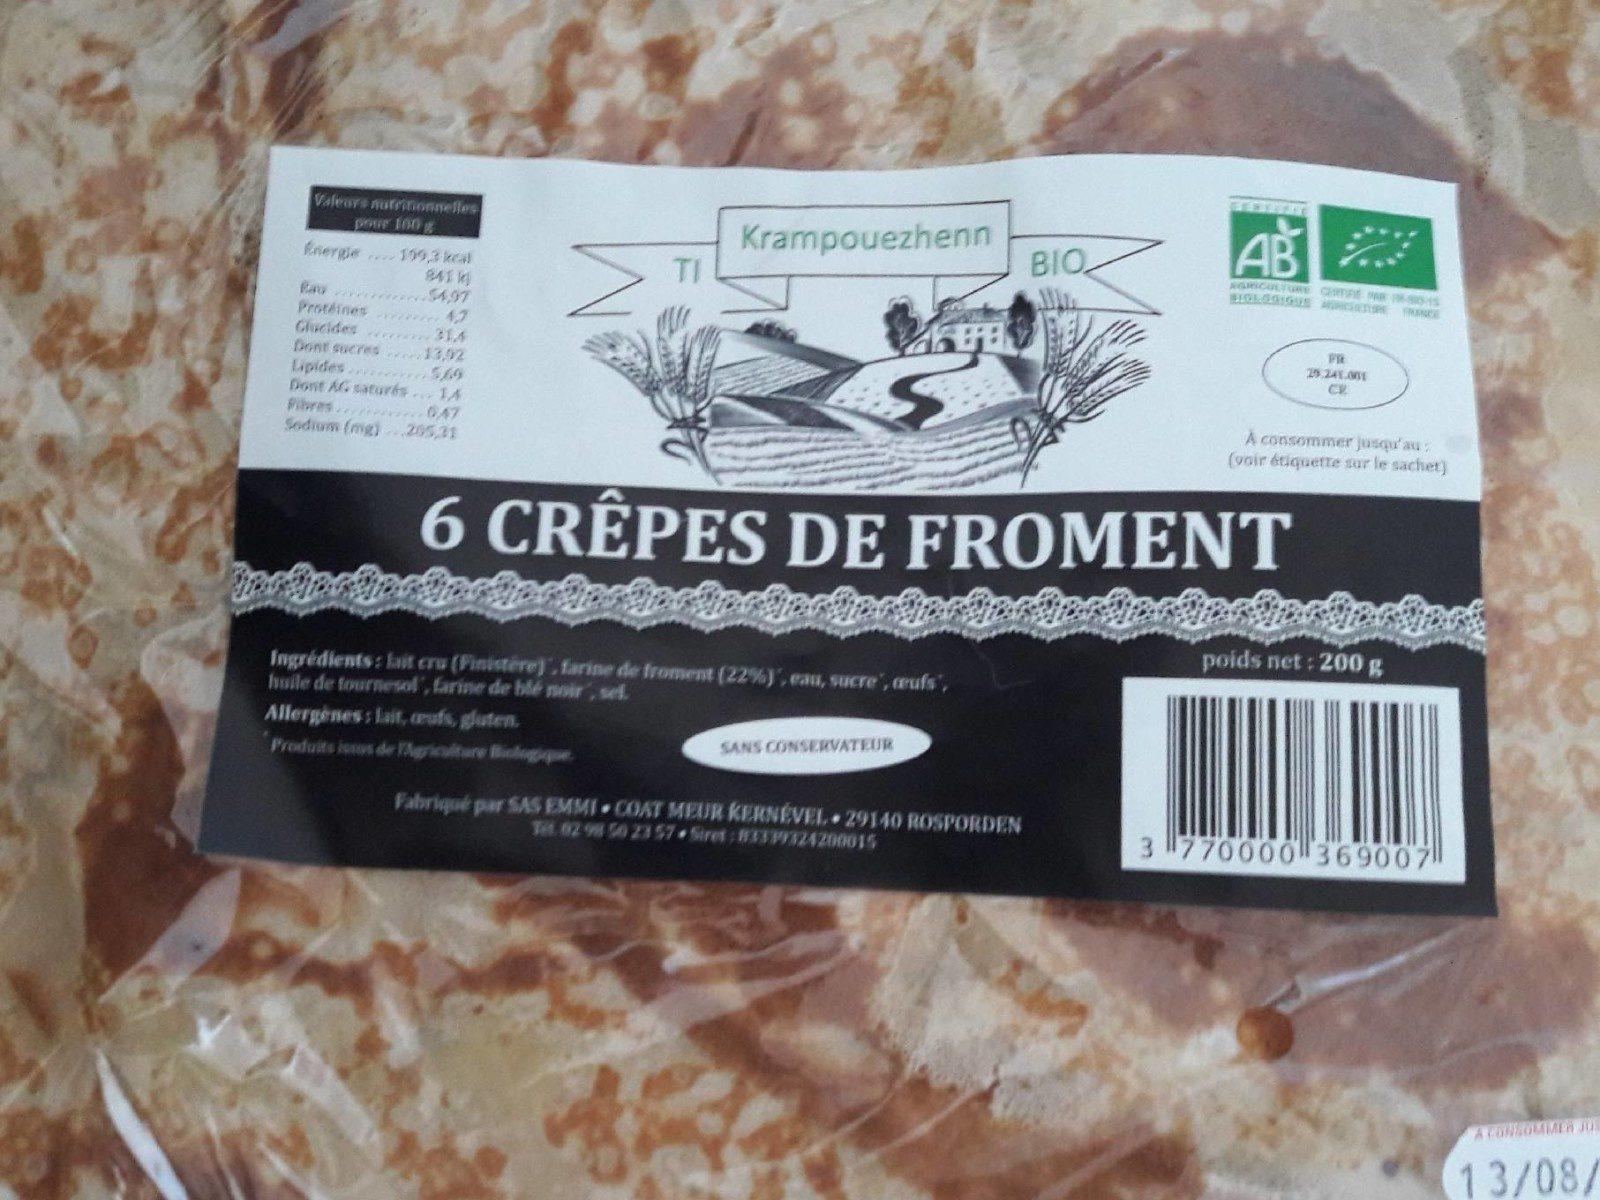 6 crêpes de froment - Produit - fr